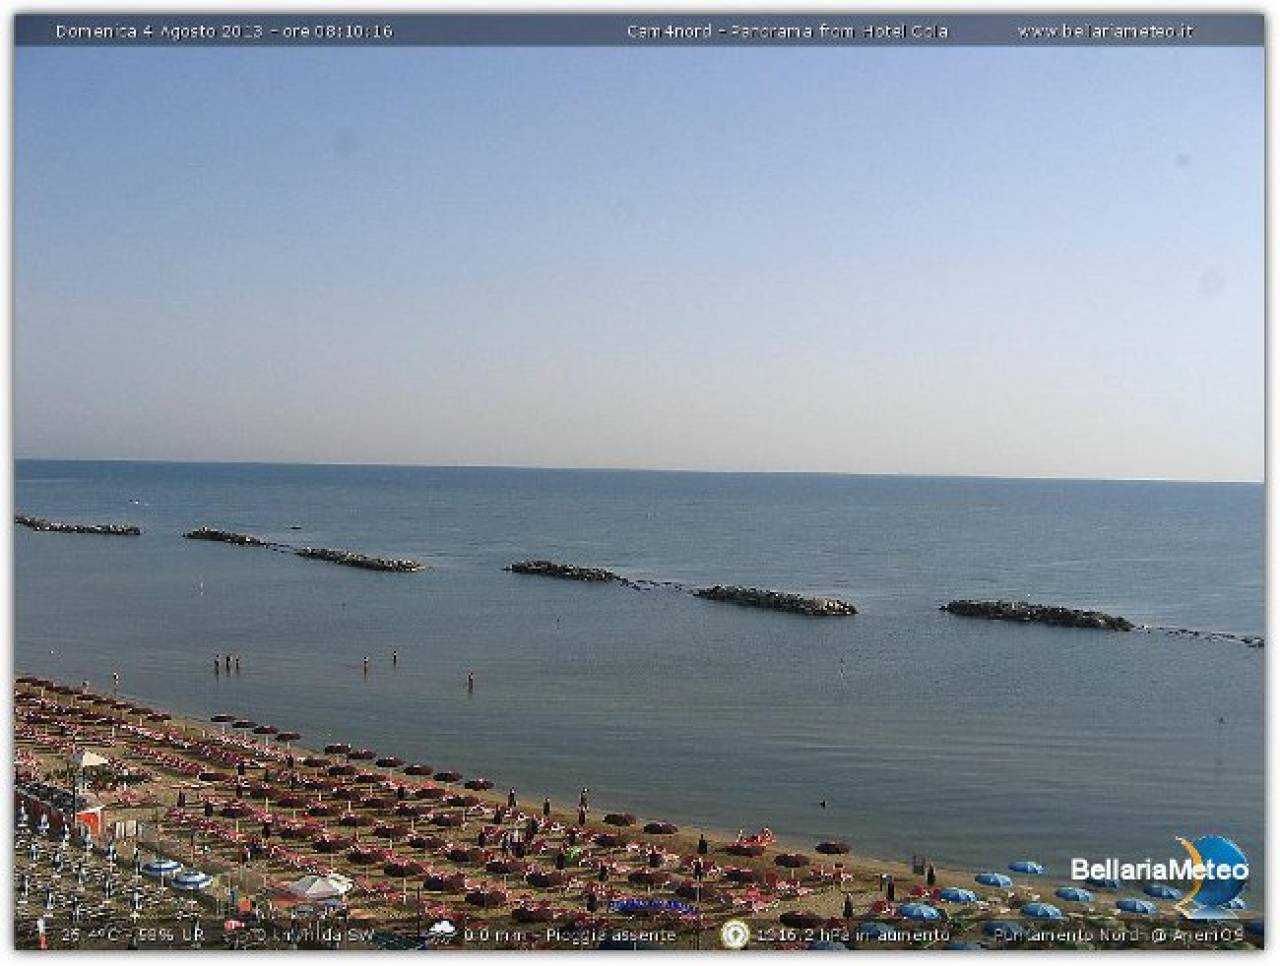 Tutto Pronto Sulla Riviera Adriatica Per Una Bella Giornata Di Mare